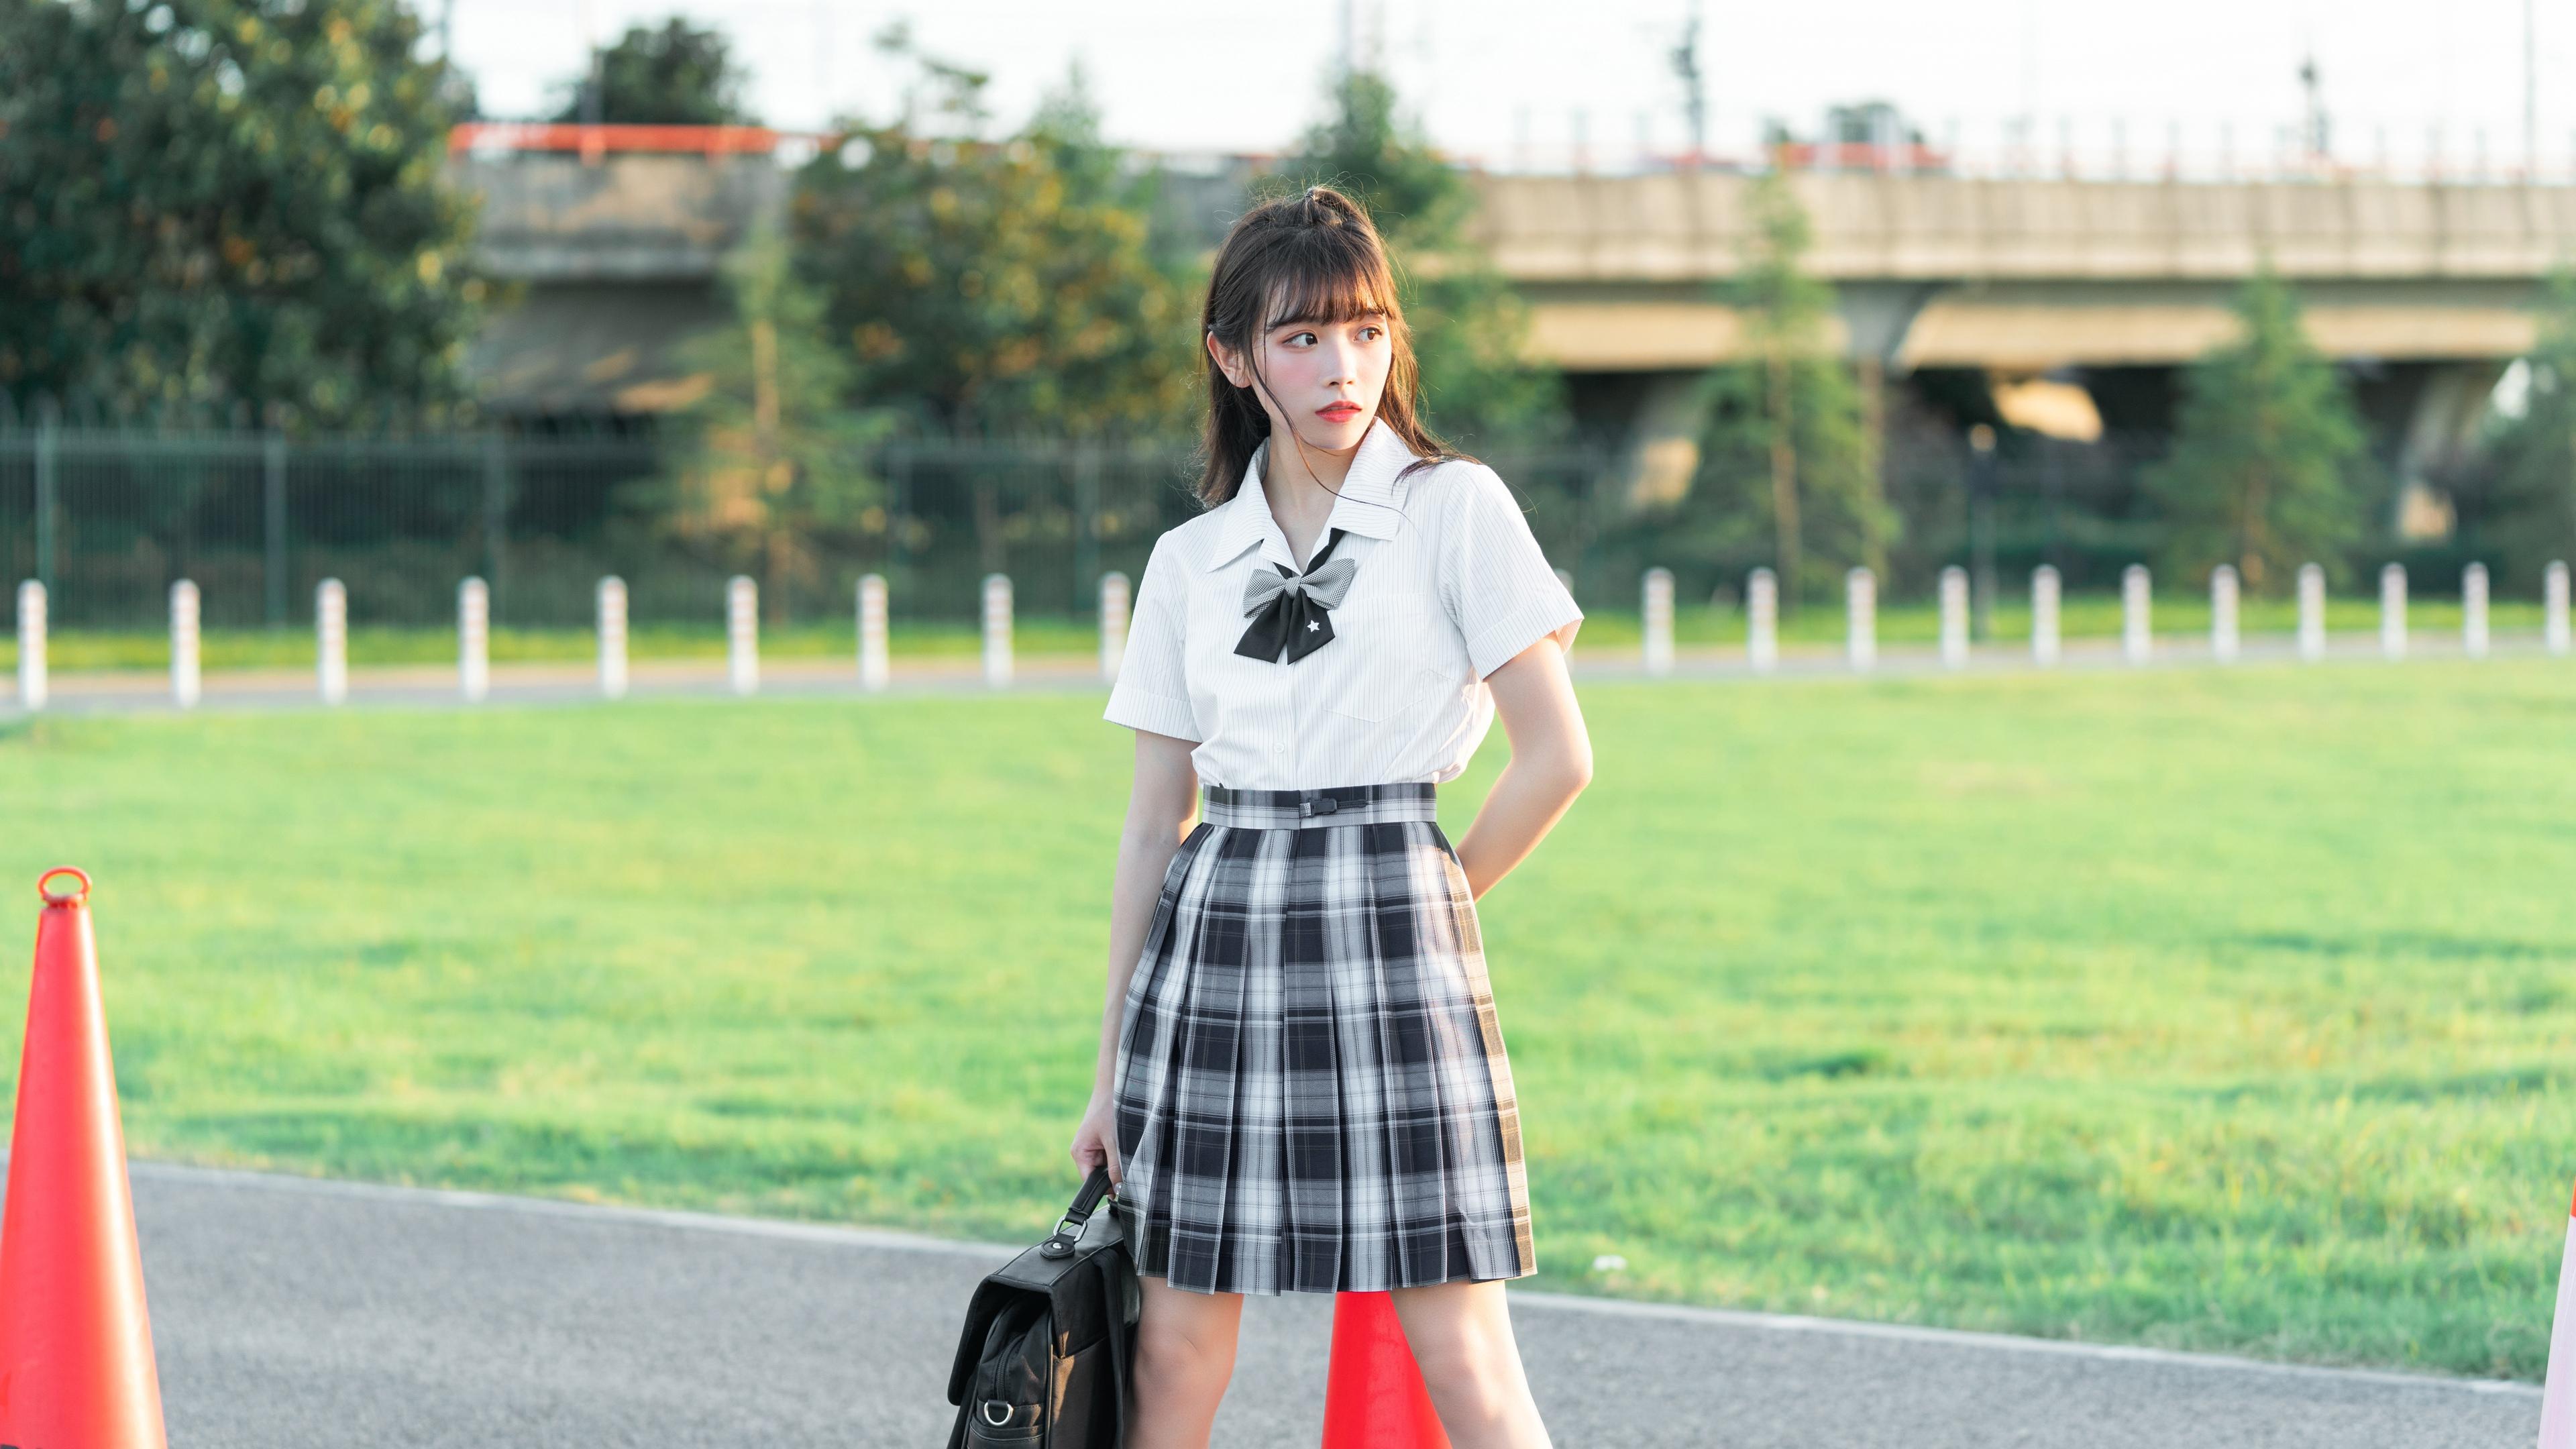 高颜值美少女jk制服甜美写真壁纸